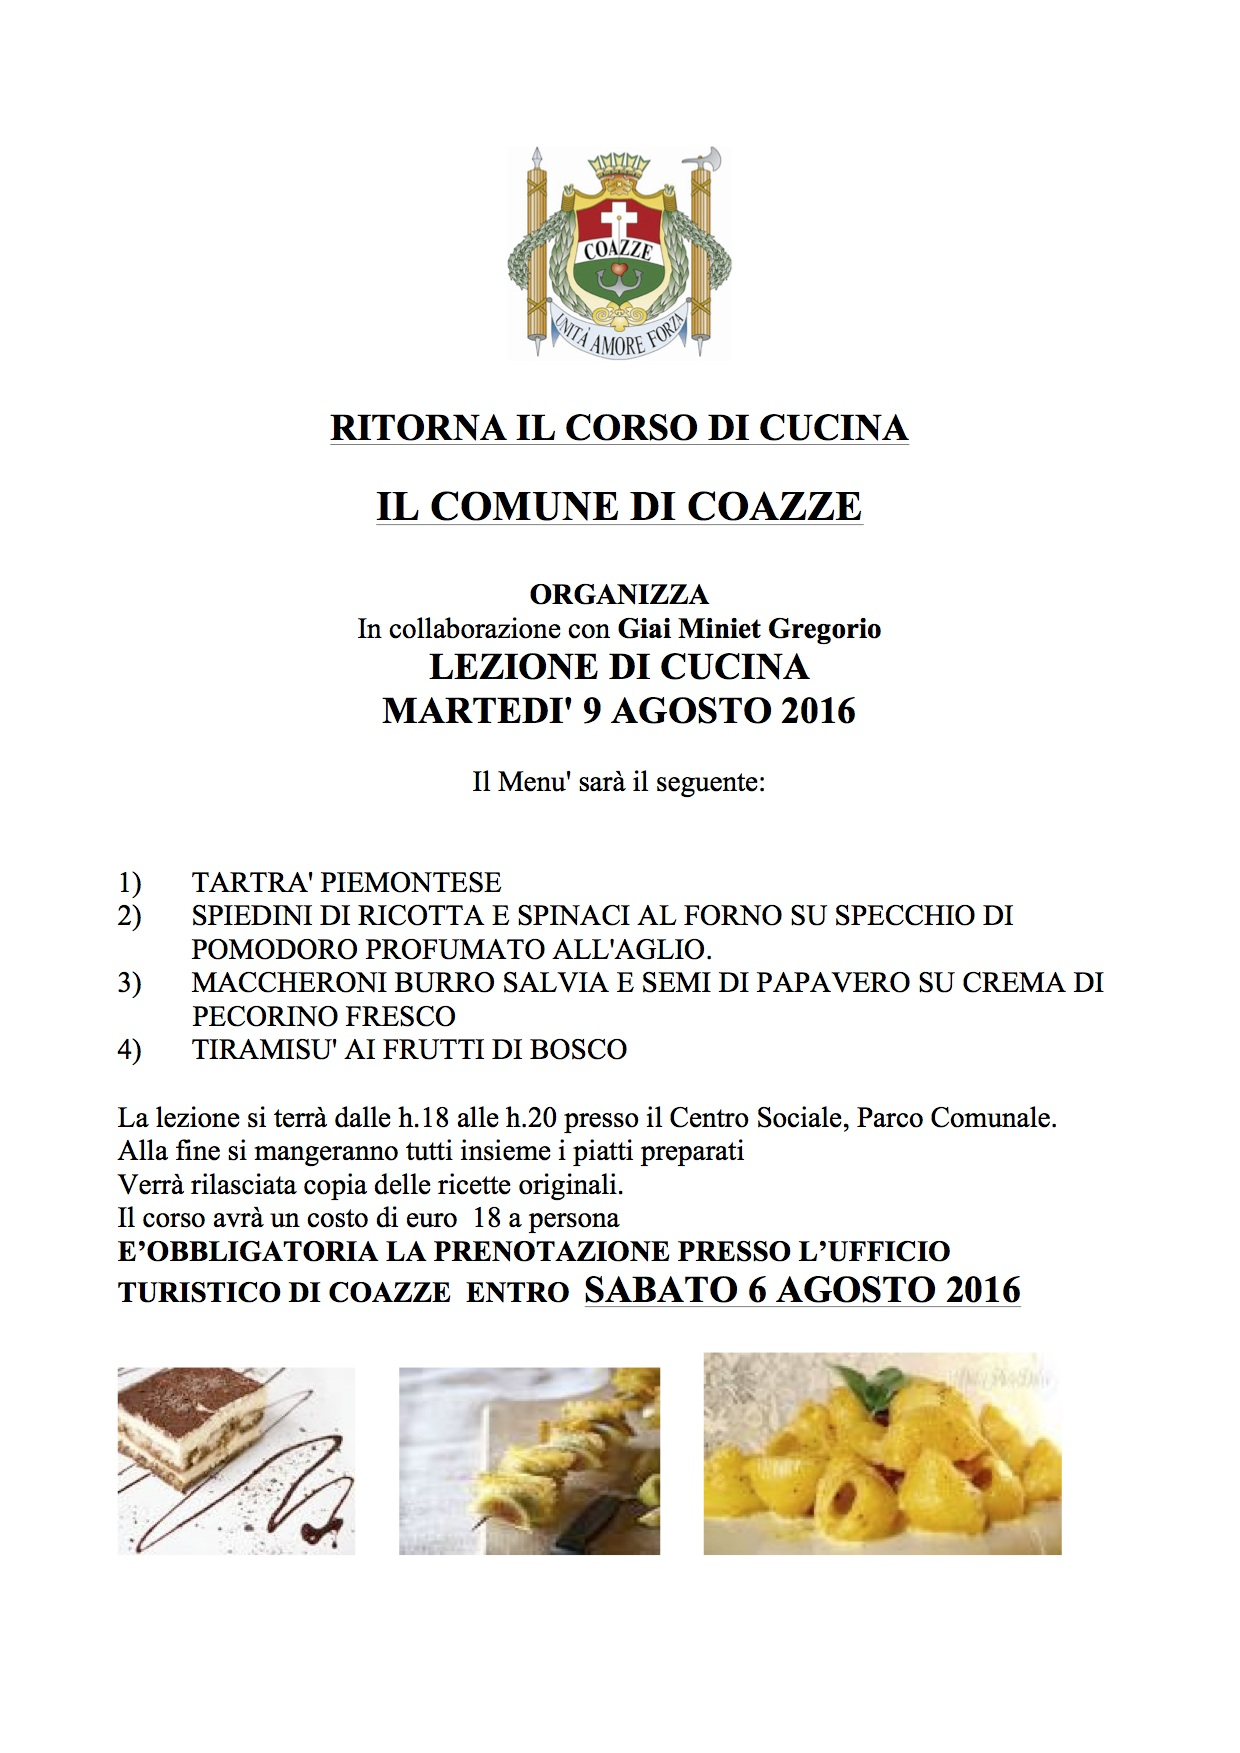 Ritorna il corso di cucina – 9 agosto 2016 – centro sociale Parco Comunale